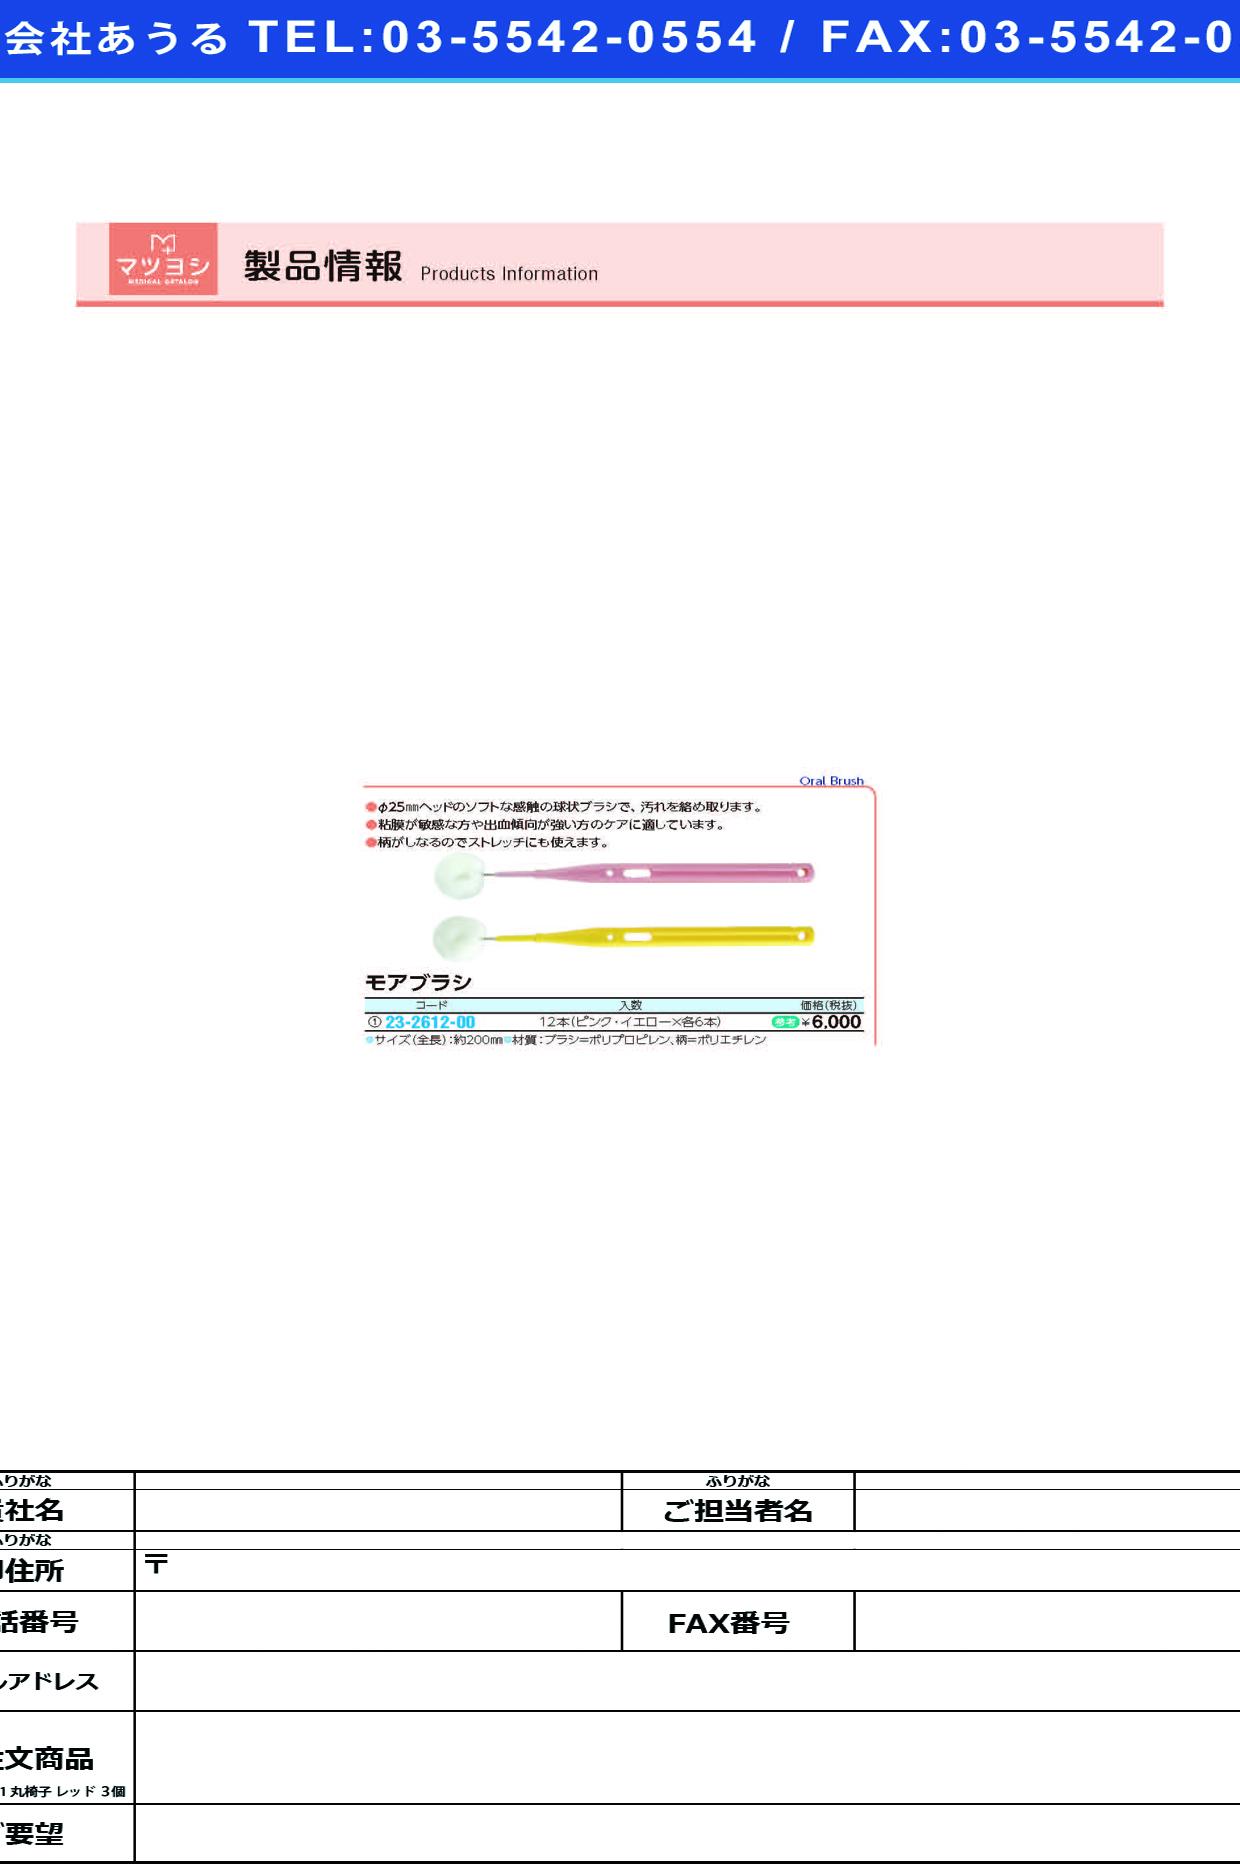 (23-2612-00)モアブラシ 12イリ(ピンクX6・イエローX6) モアブラシ【1箱単位】【2019年カタログ商品】